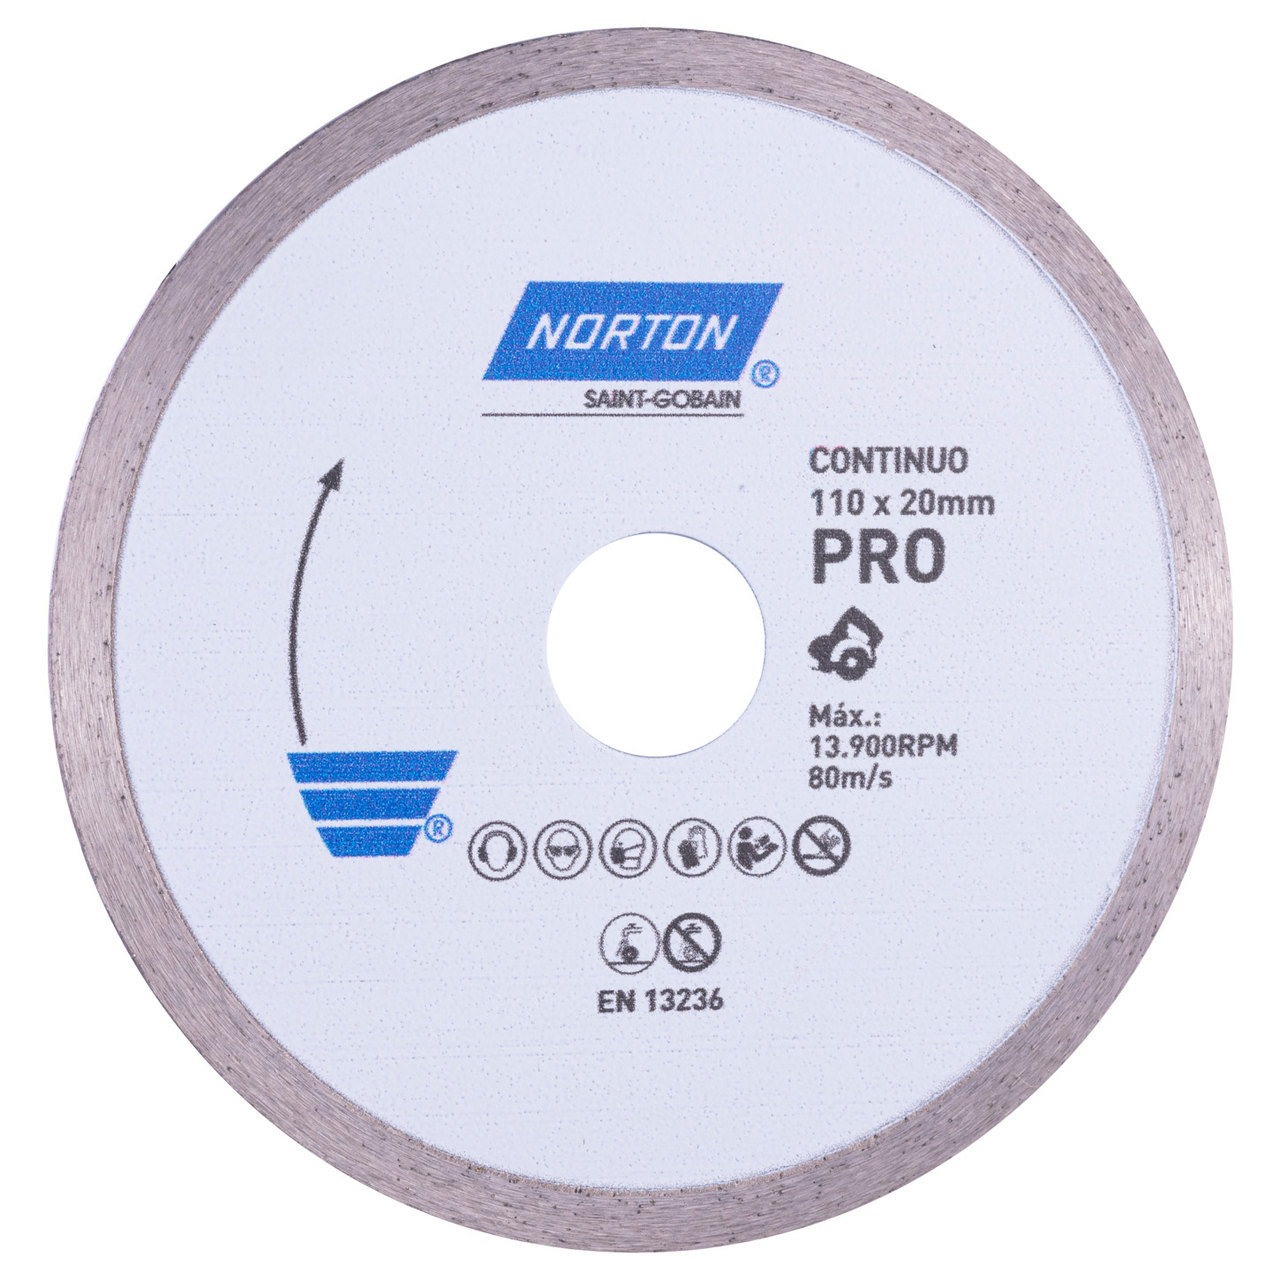 Disco Diamantado Norton Pro Continuo 110mm